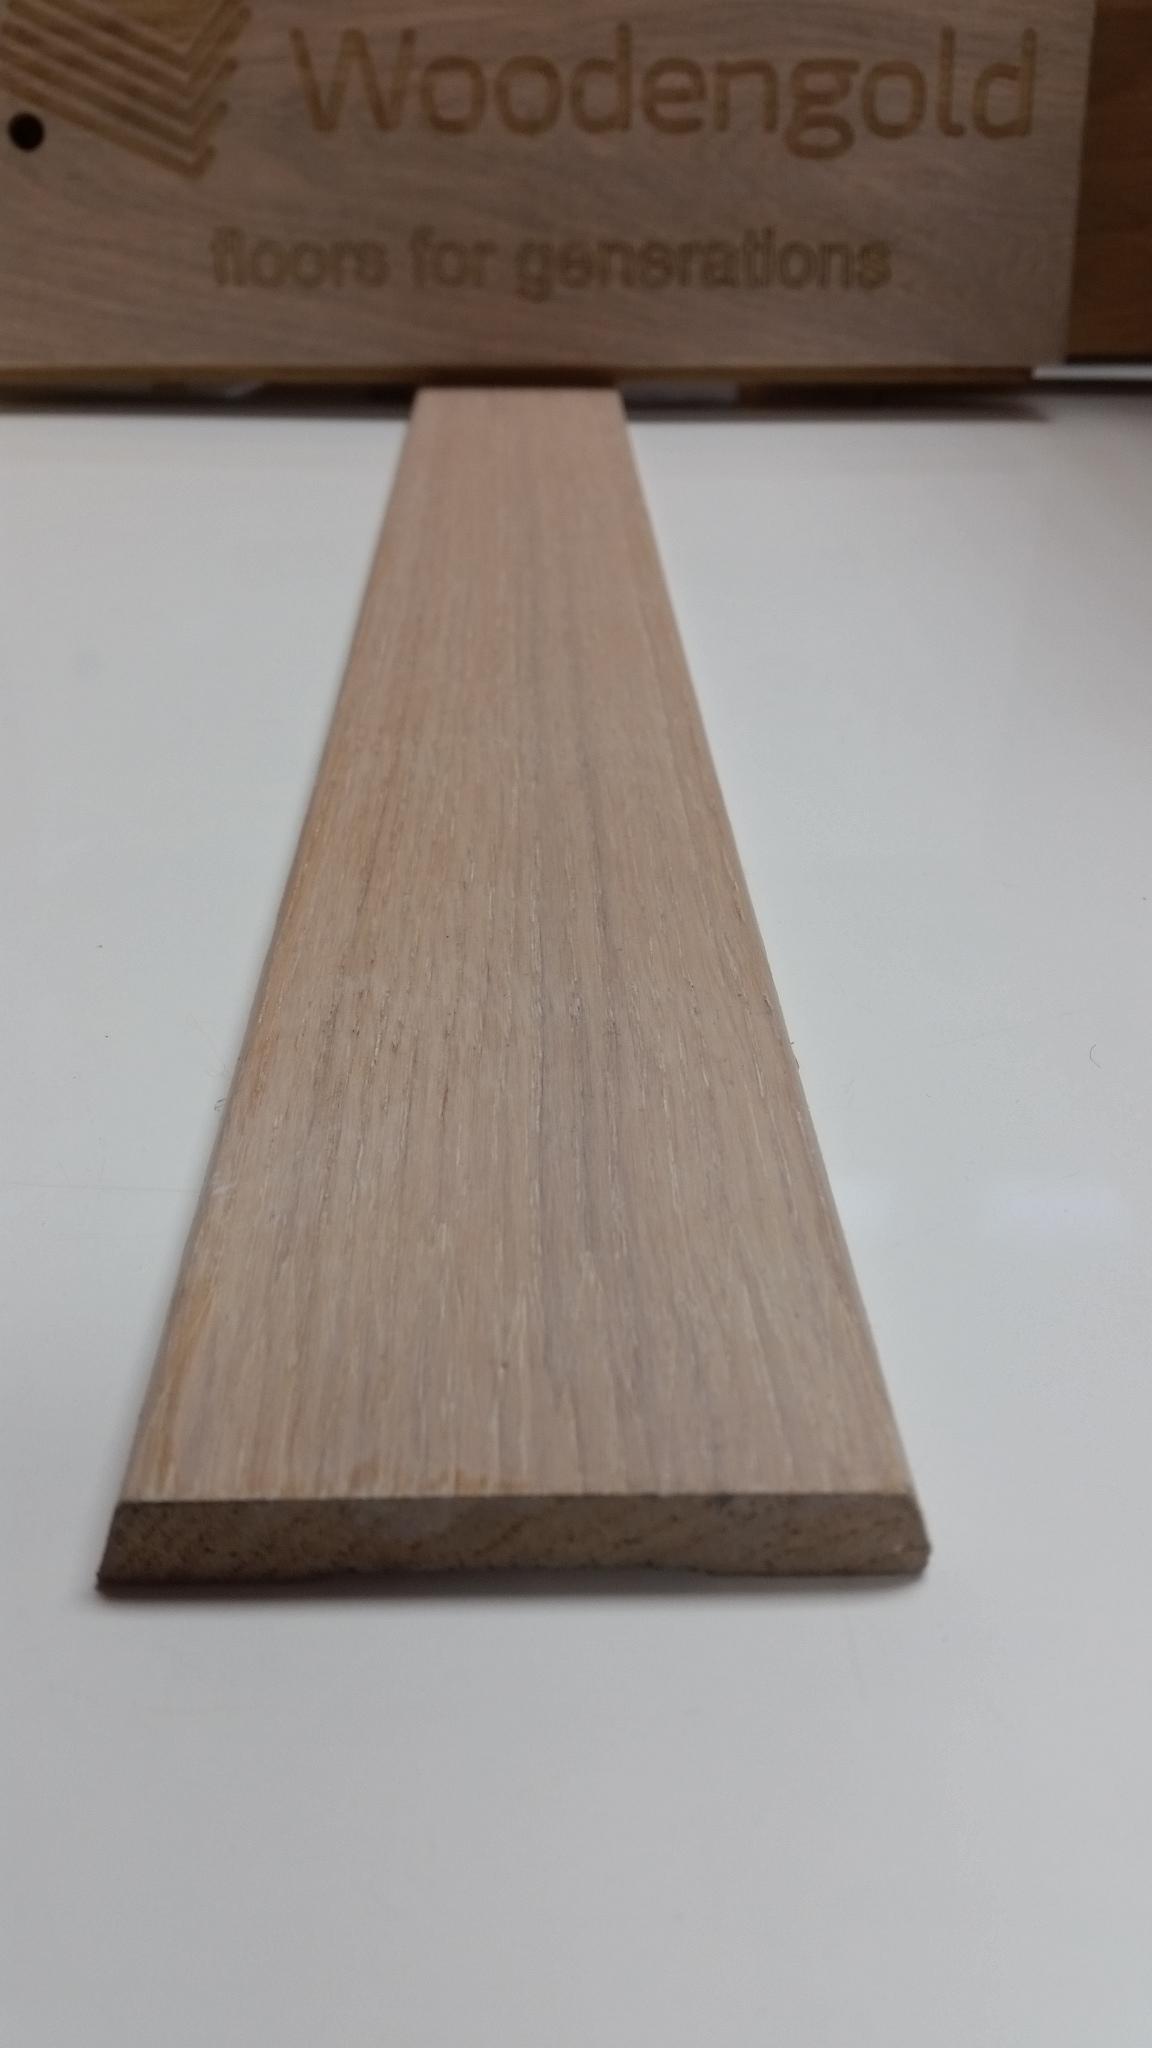 Ukse piirdeliistud | Ukse piirdeliistud 1